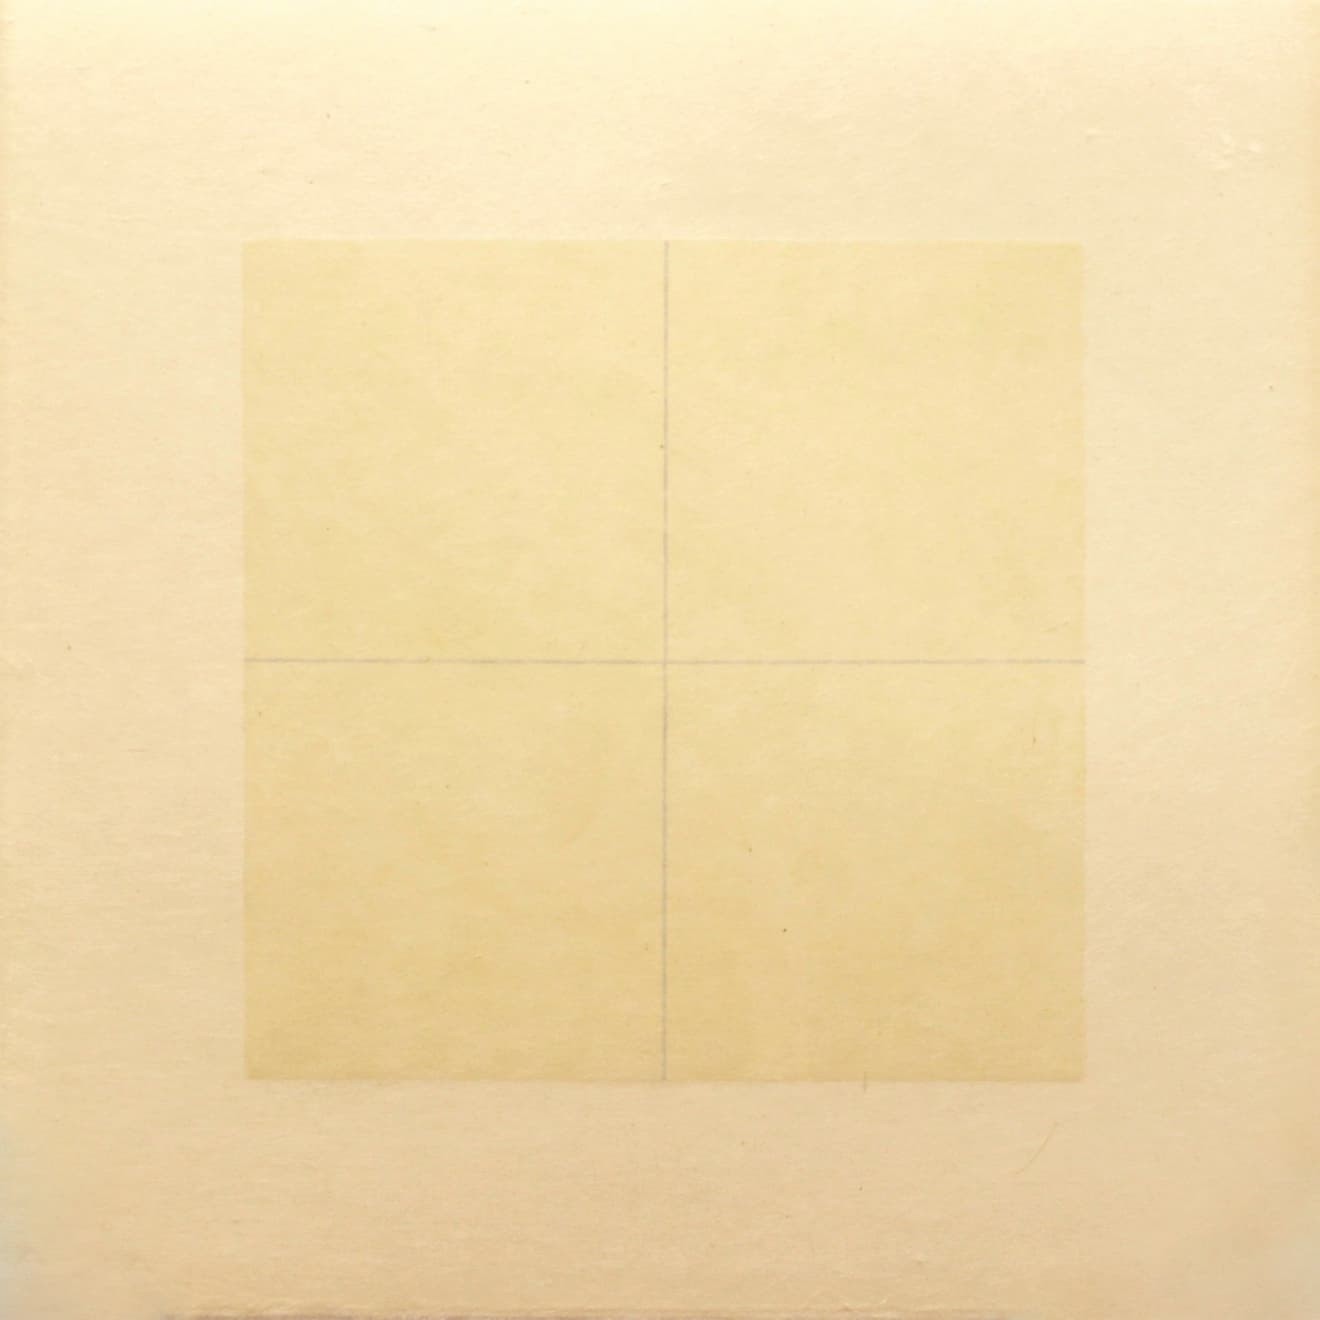 Tadaaki Kuwayama TK1918-96, 1996